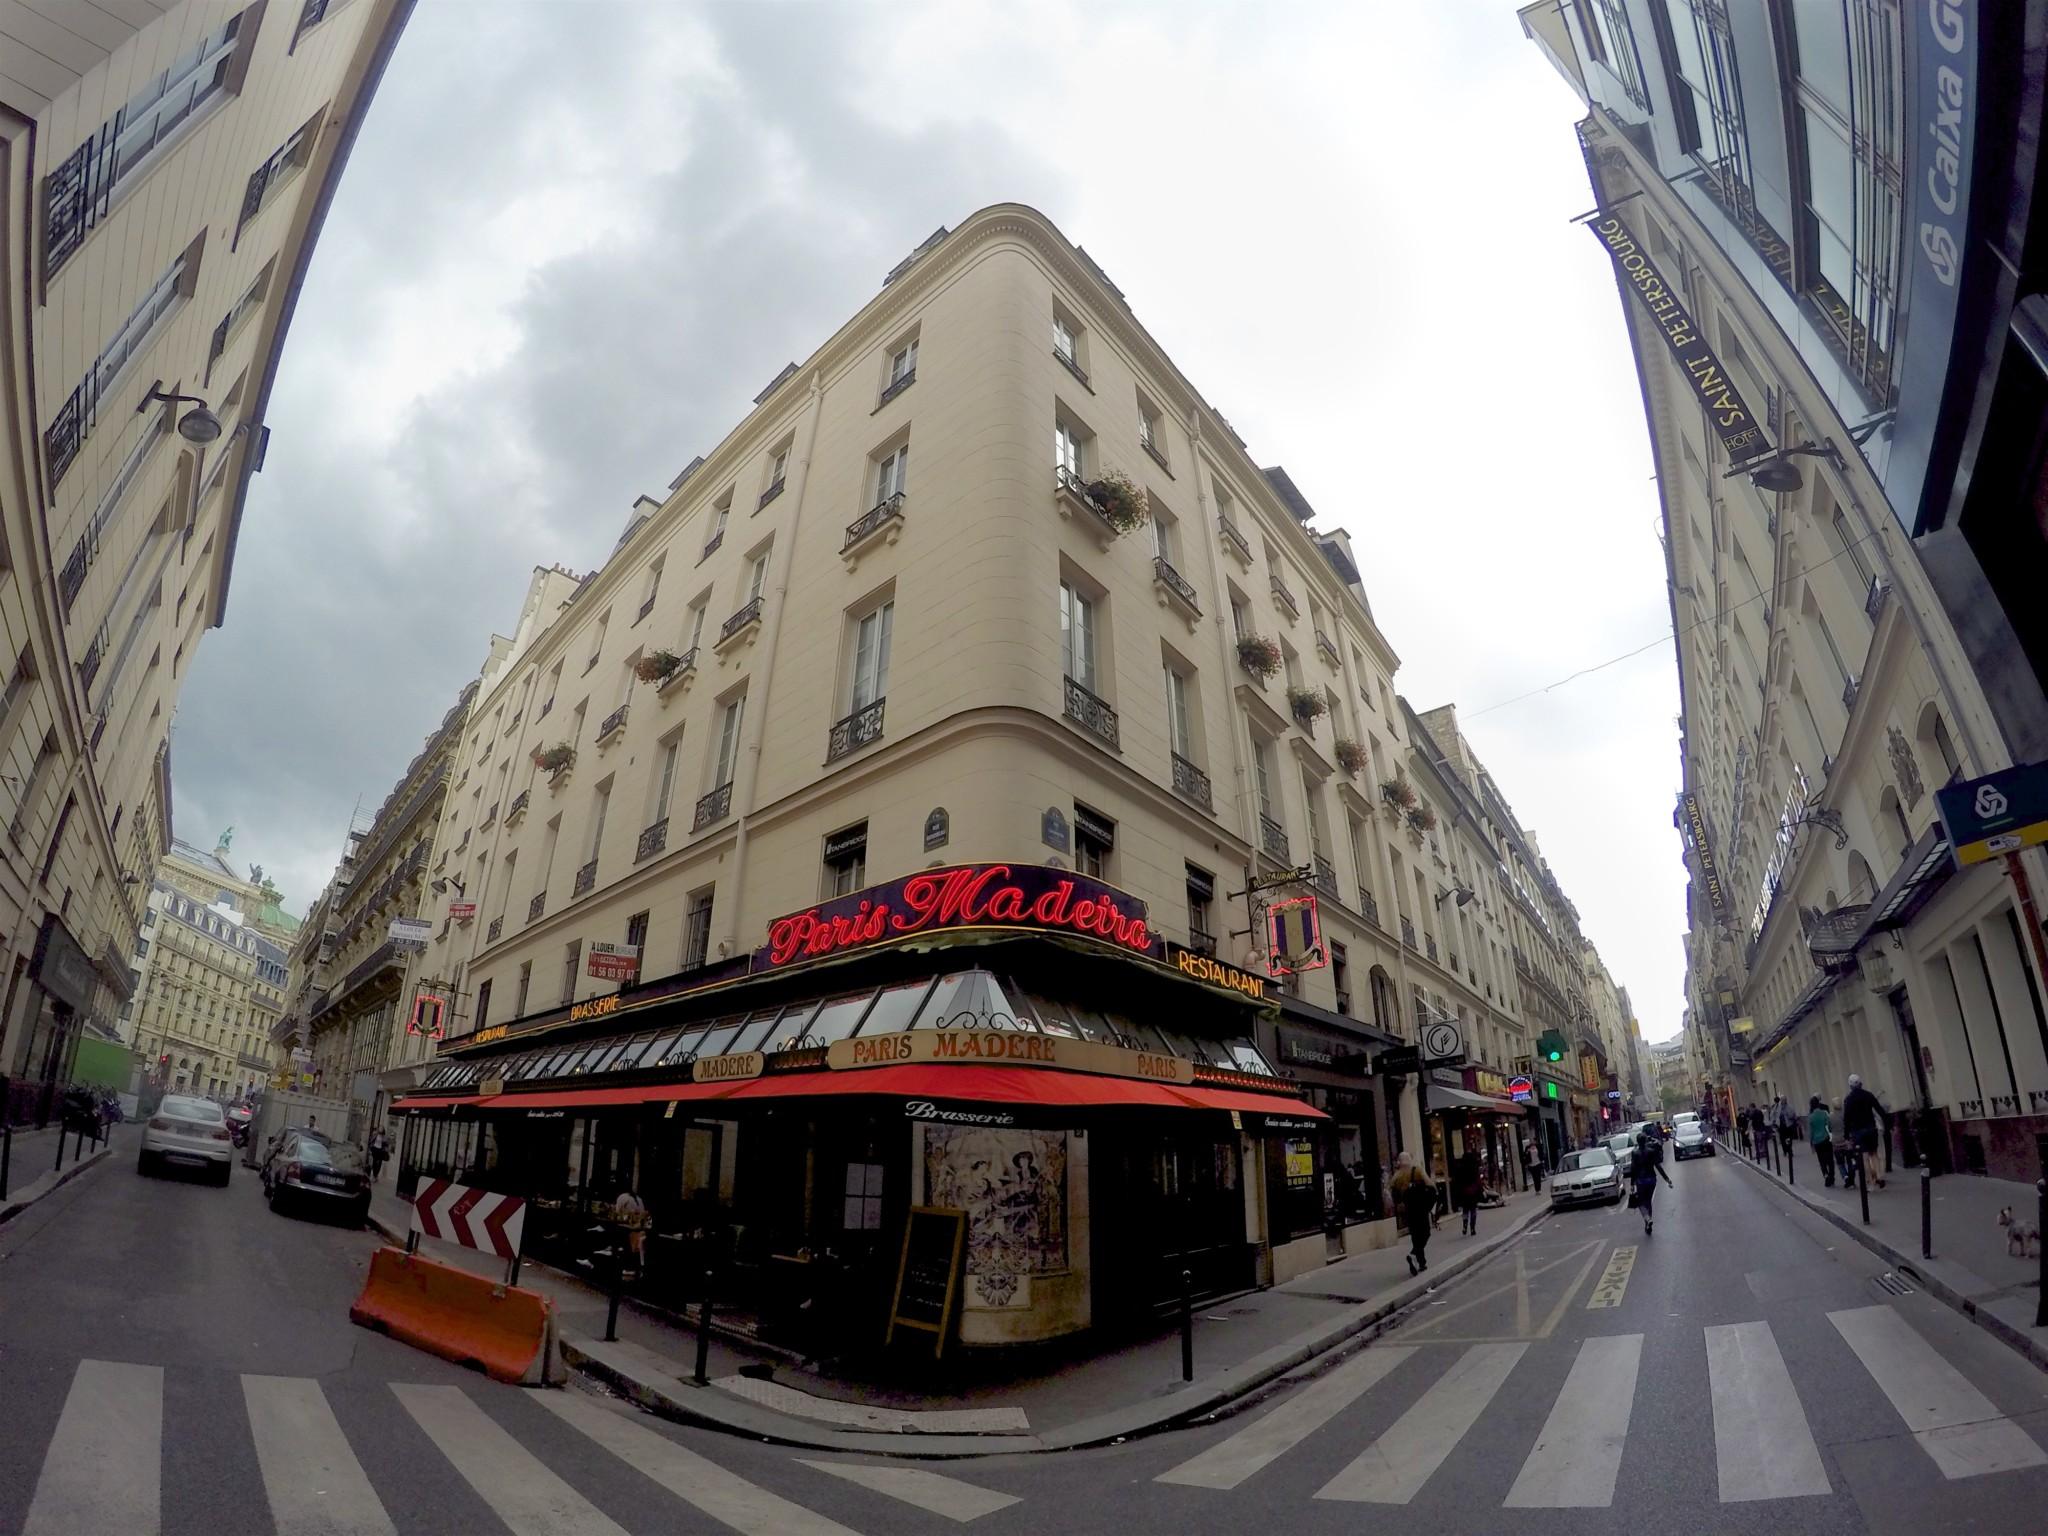 Paris Madeira